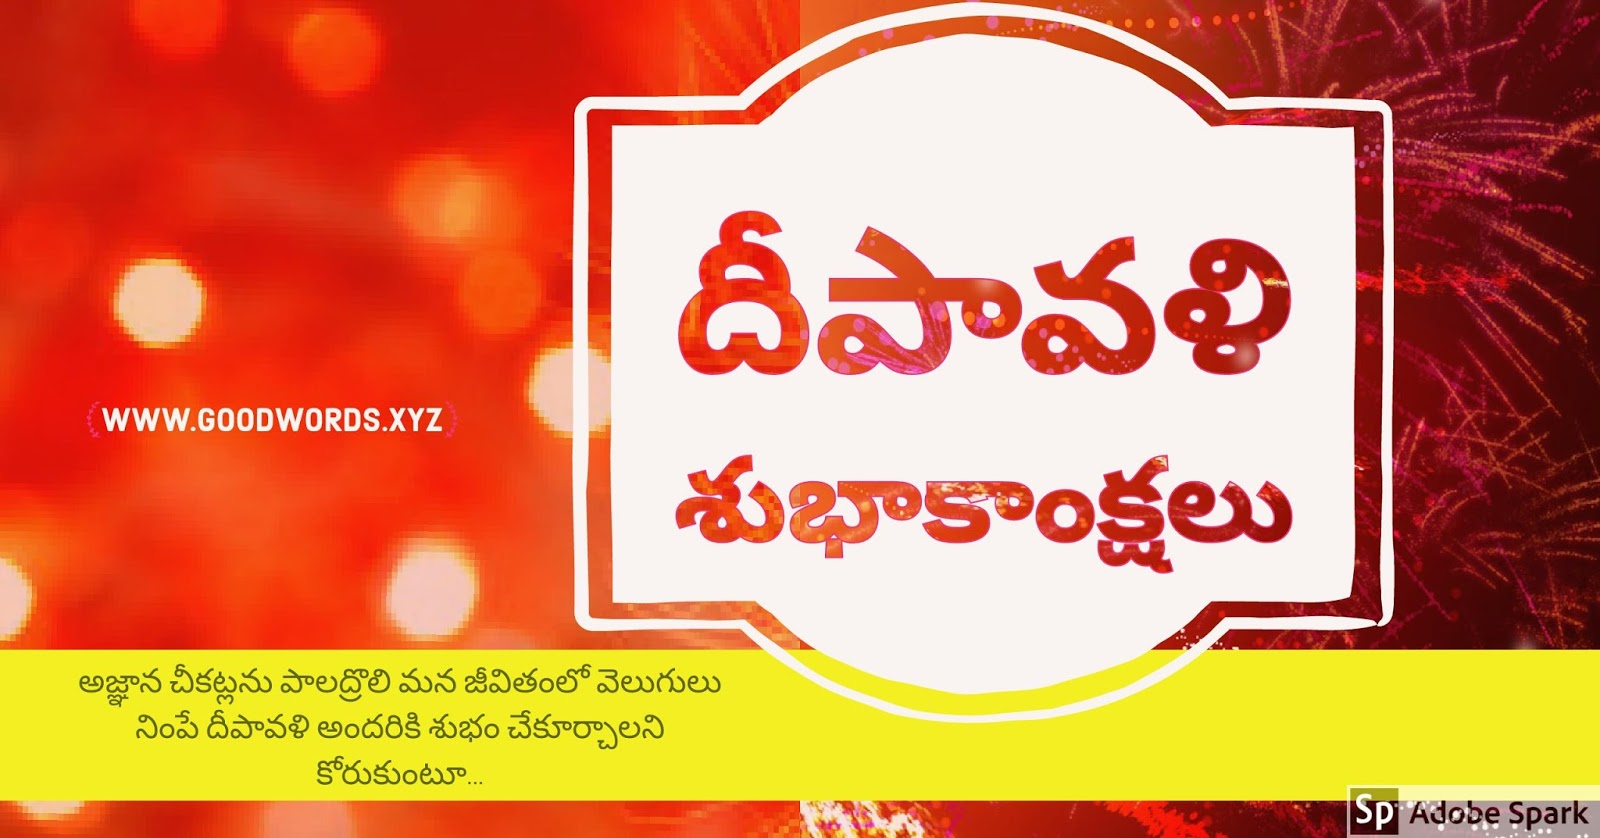 Luxury Good Words In Telugu Language - good quotes